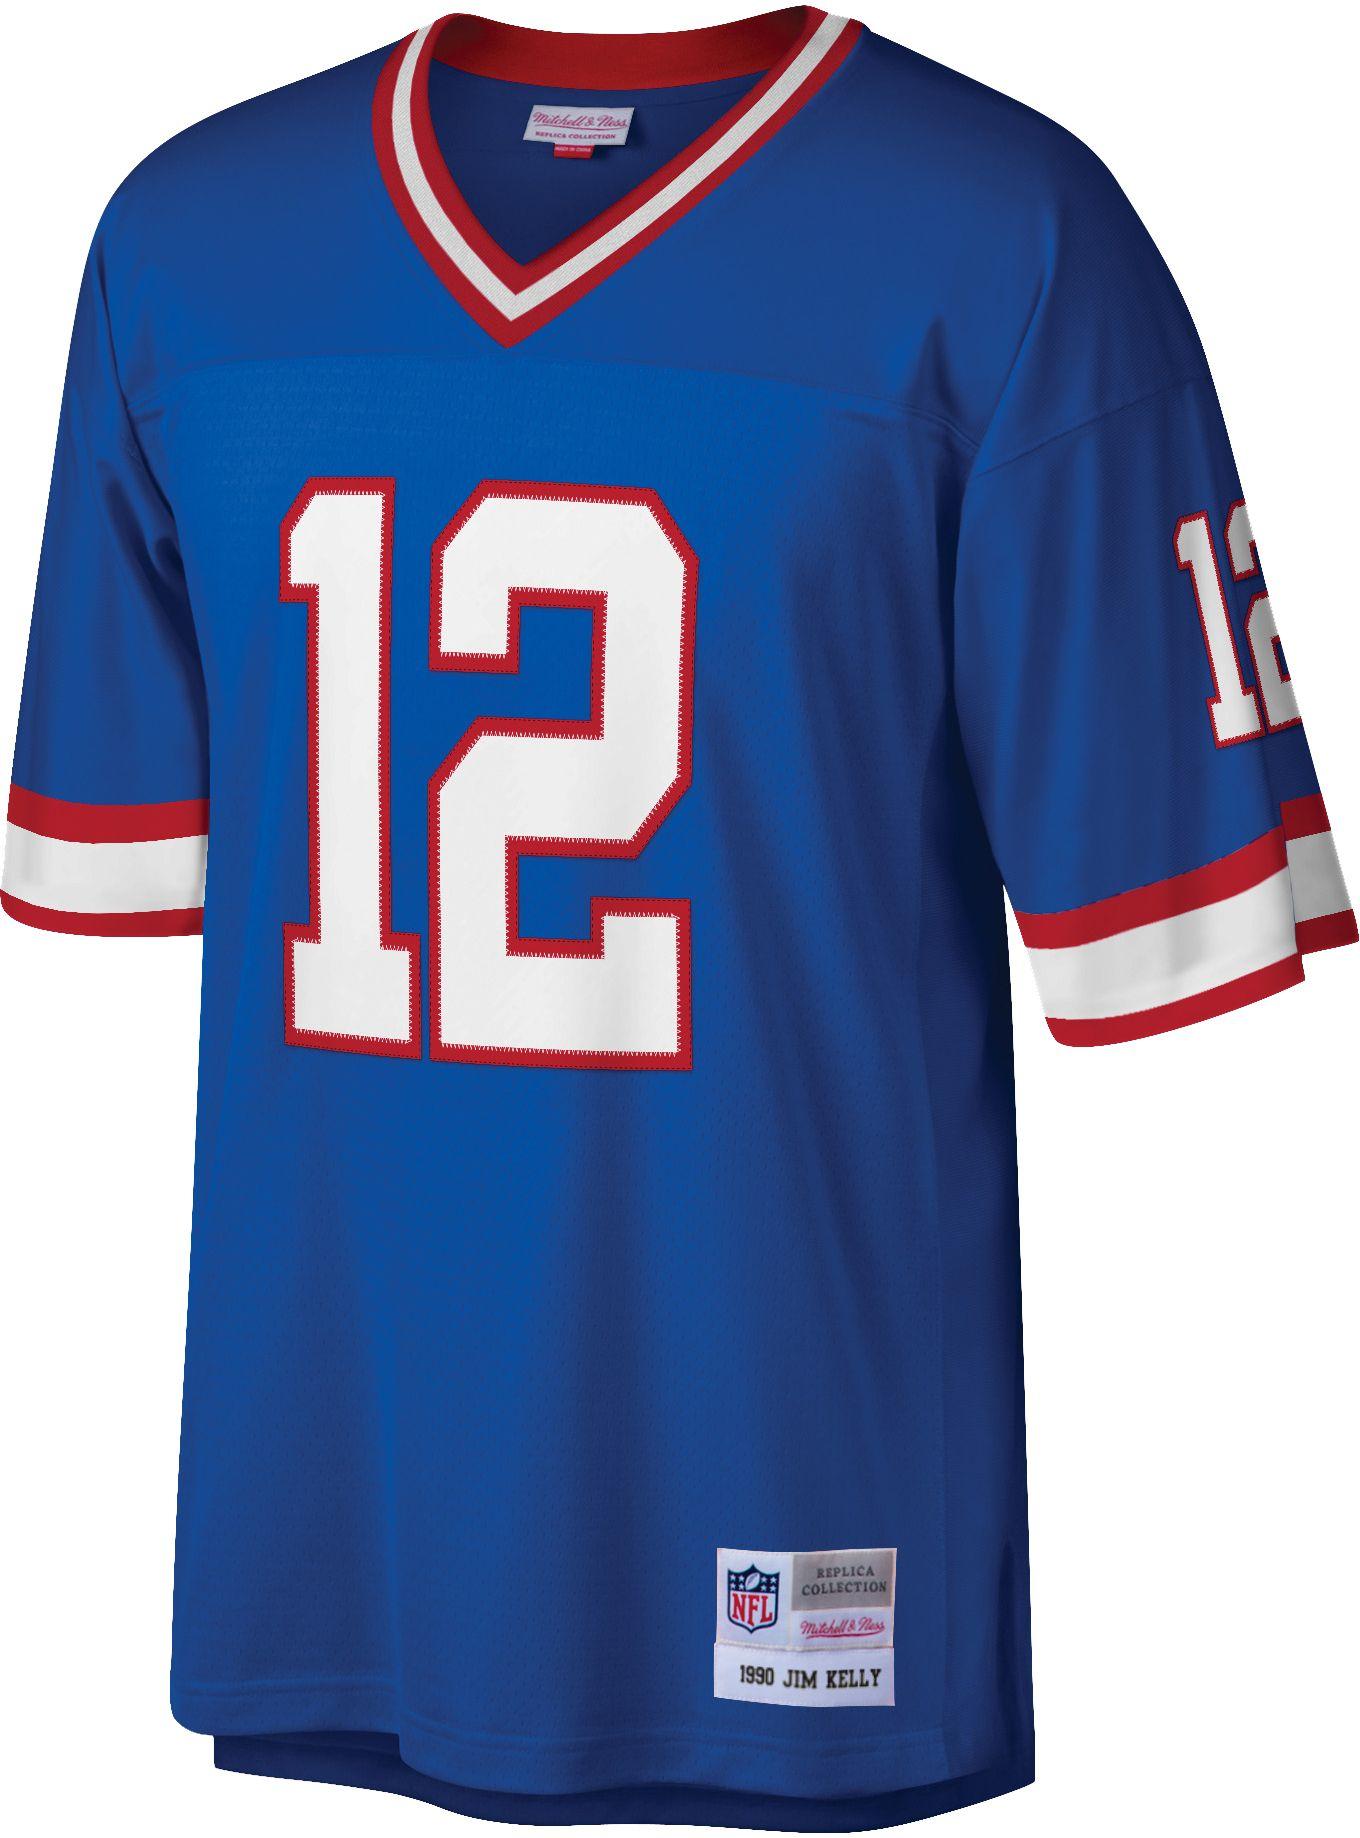 jim kelly buffalo bills jersey